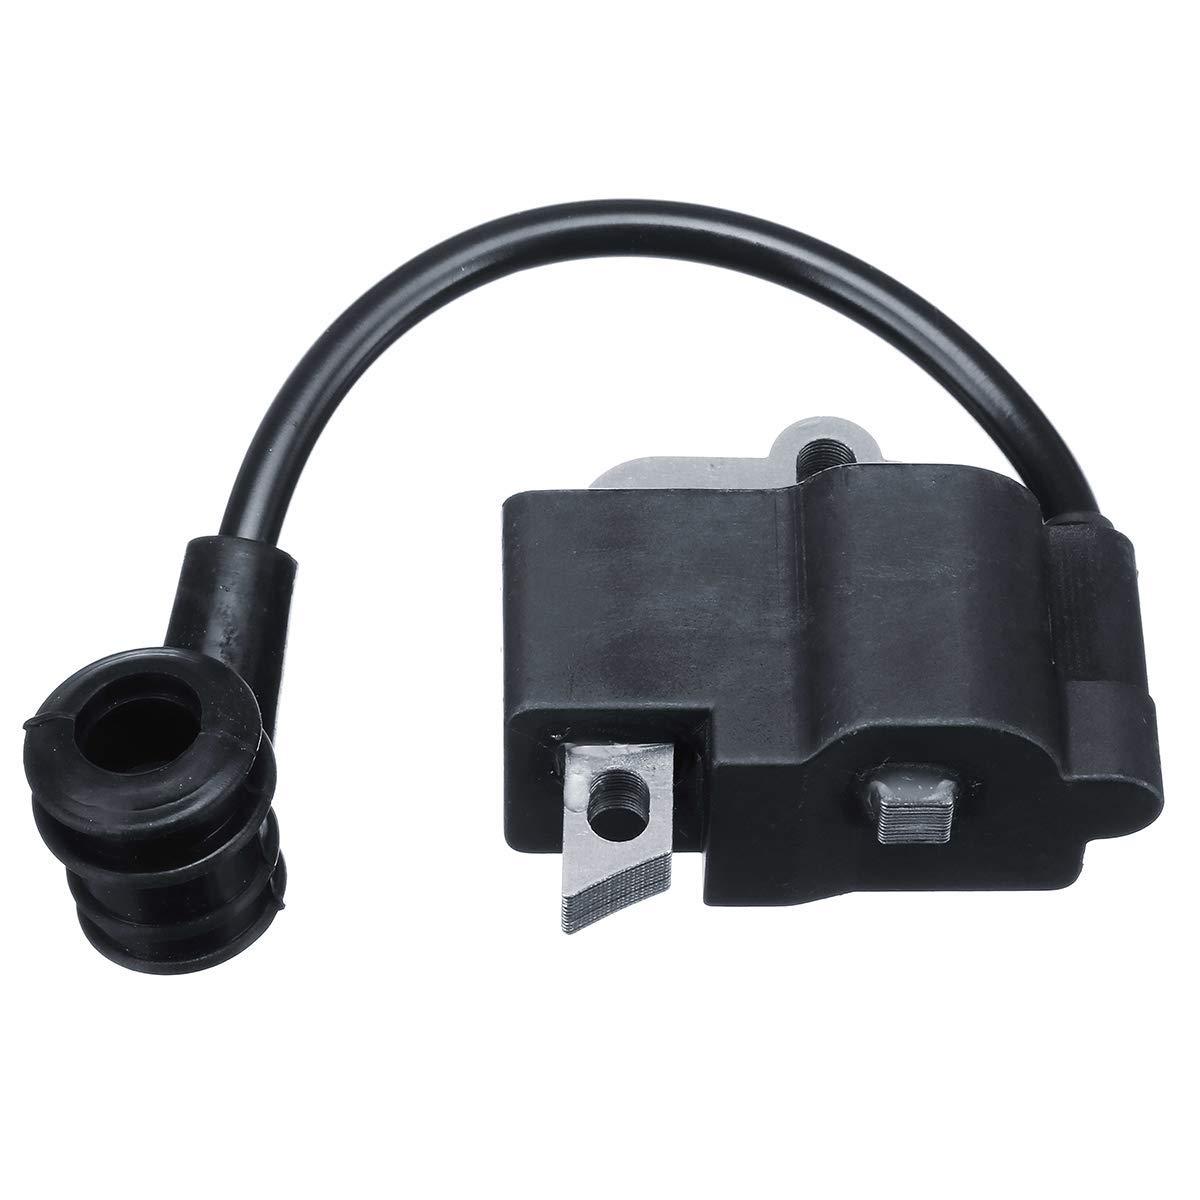 Morii Ignition Coil for Stihl FS40 FS50 FS56 FS56C KM56C Trimmer